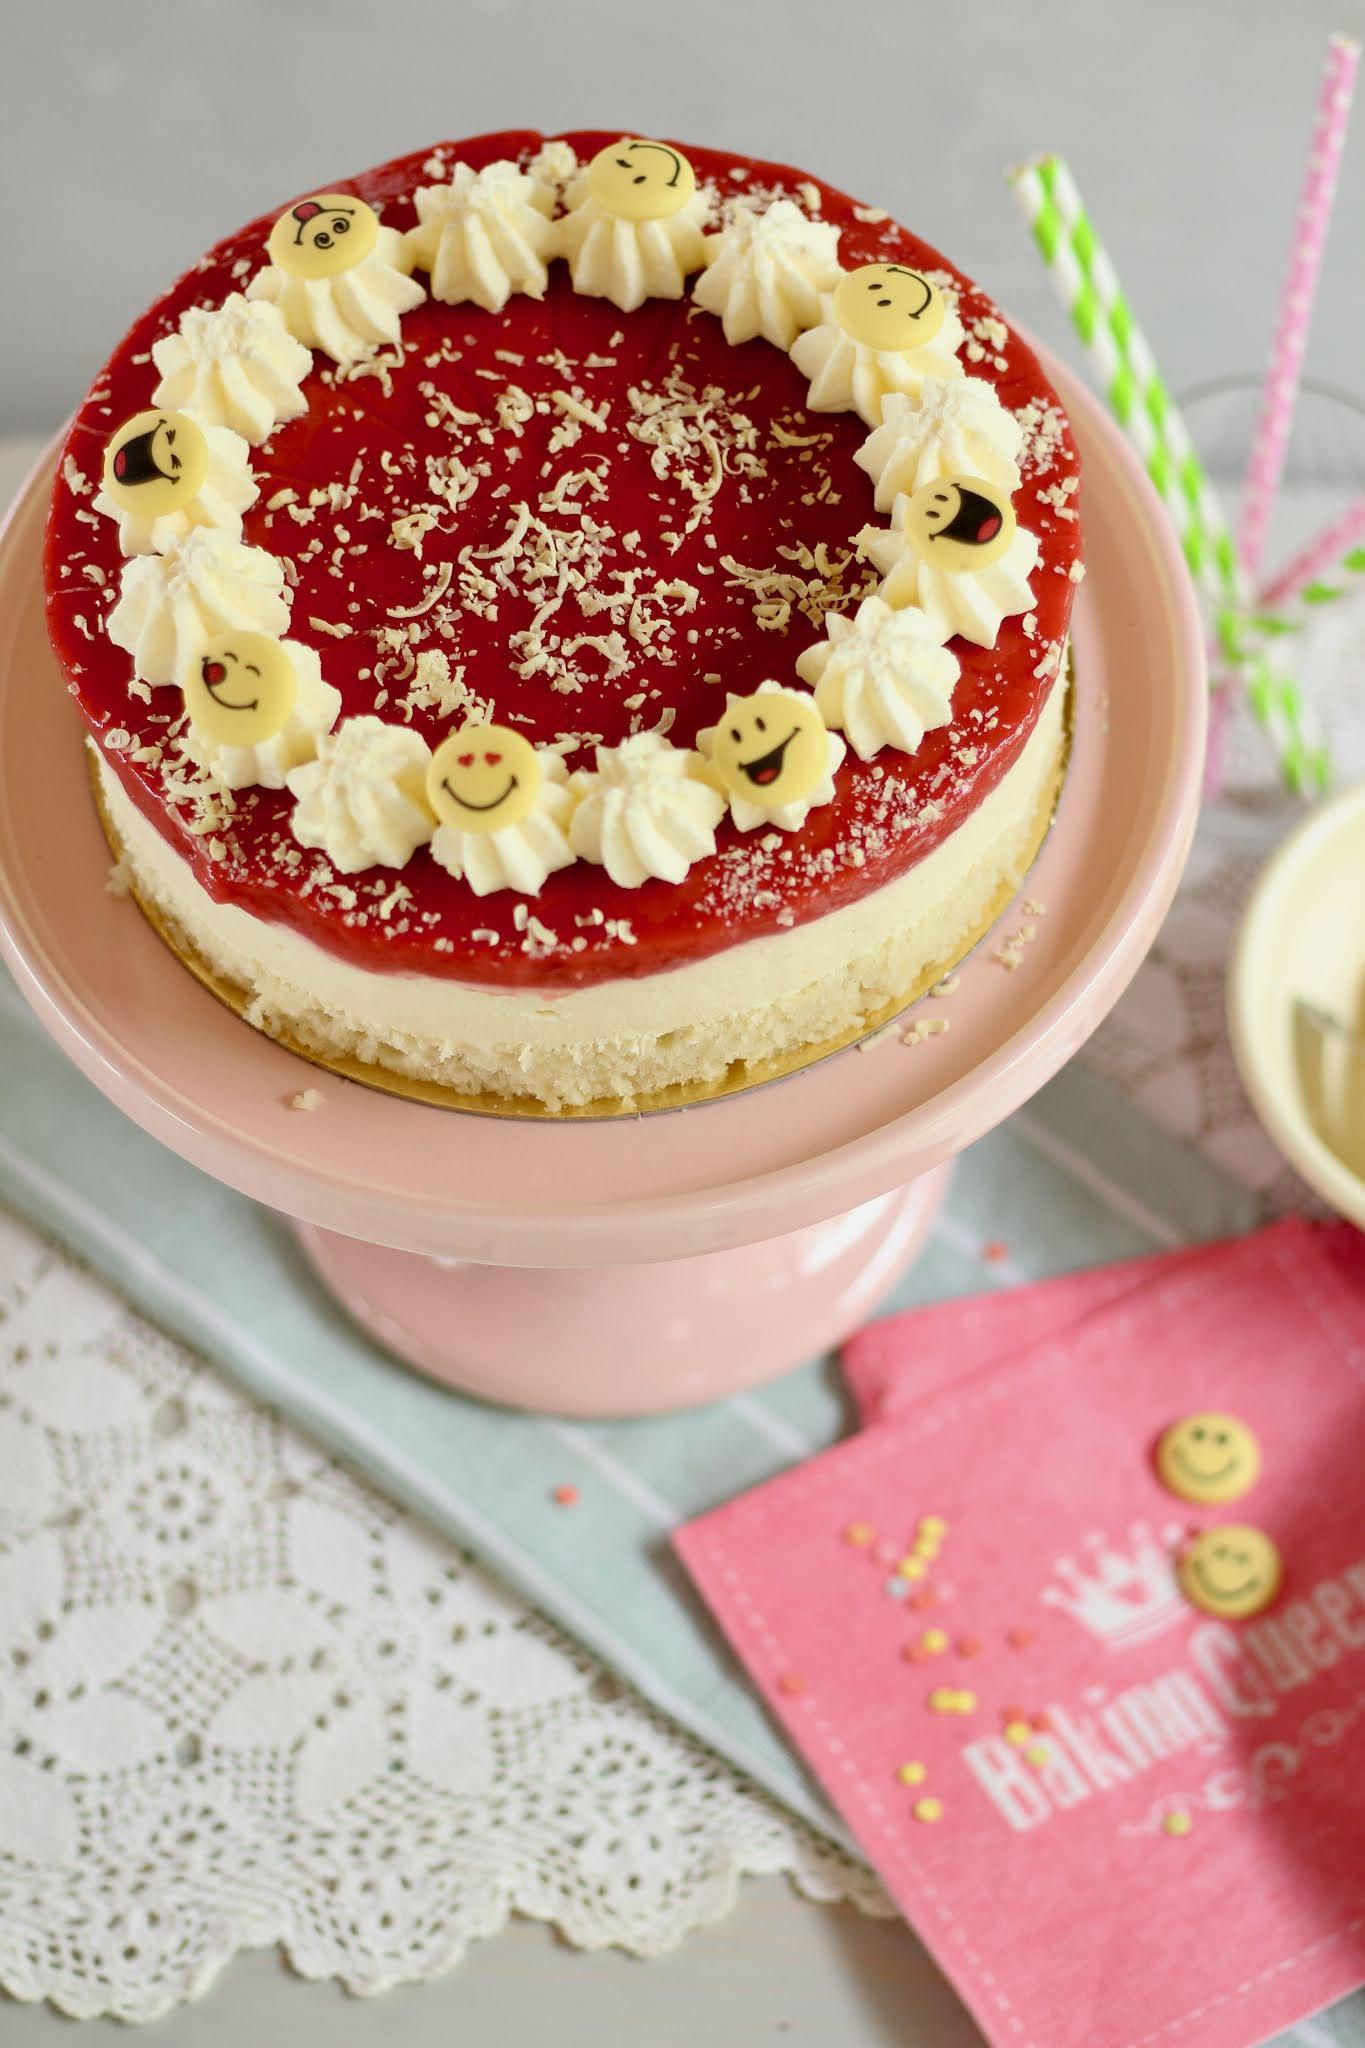 Kinderleichte Spaghetti-Eis-Torte mit frischen Erdbeeren und weißer Schokolade | Rezept und Video von Sugarprincess